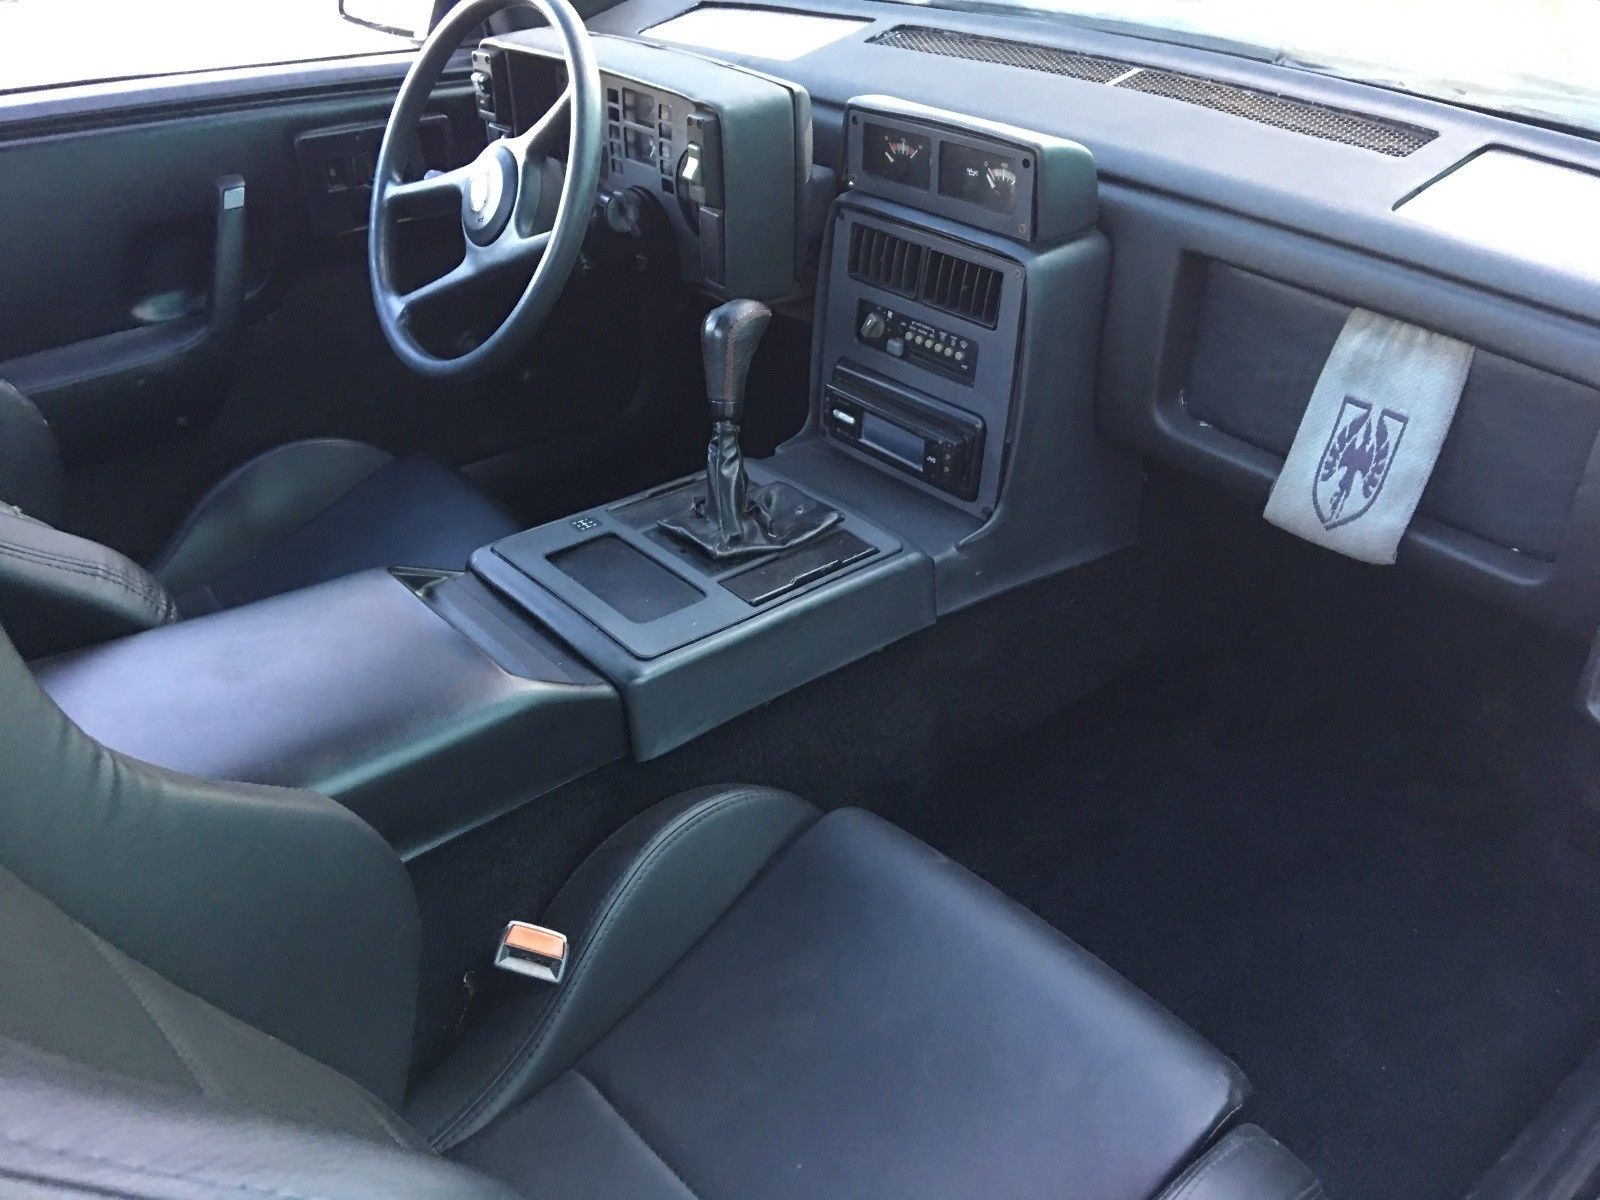 1986 Pontiac Fiero dash